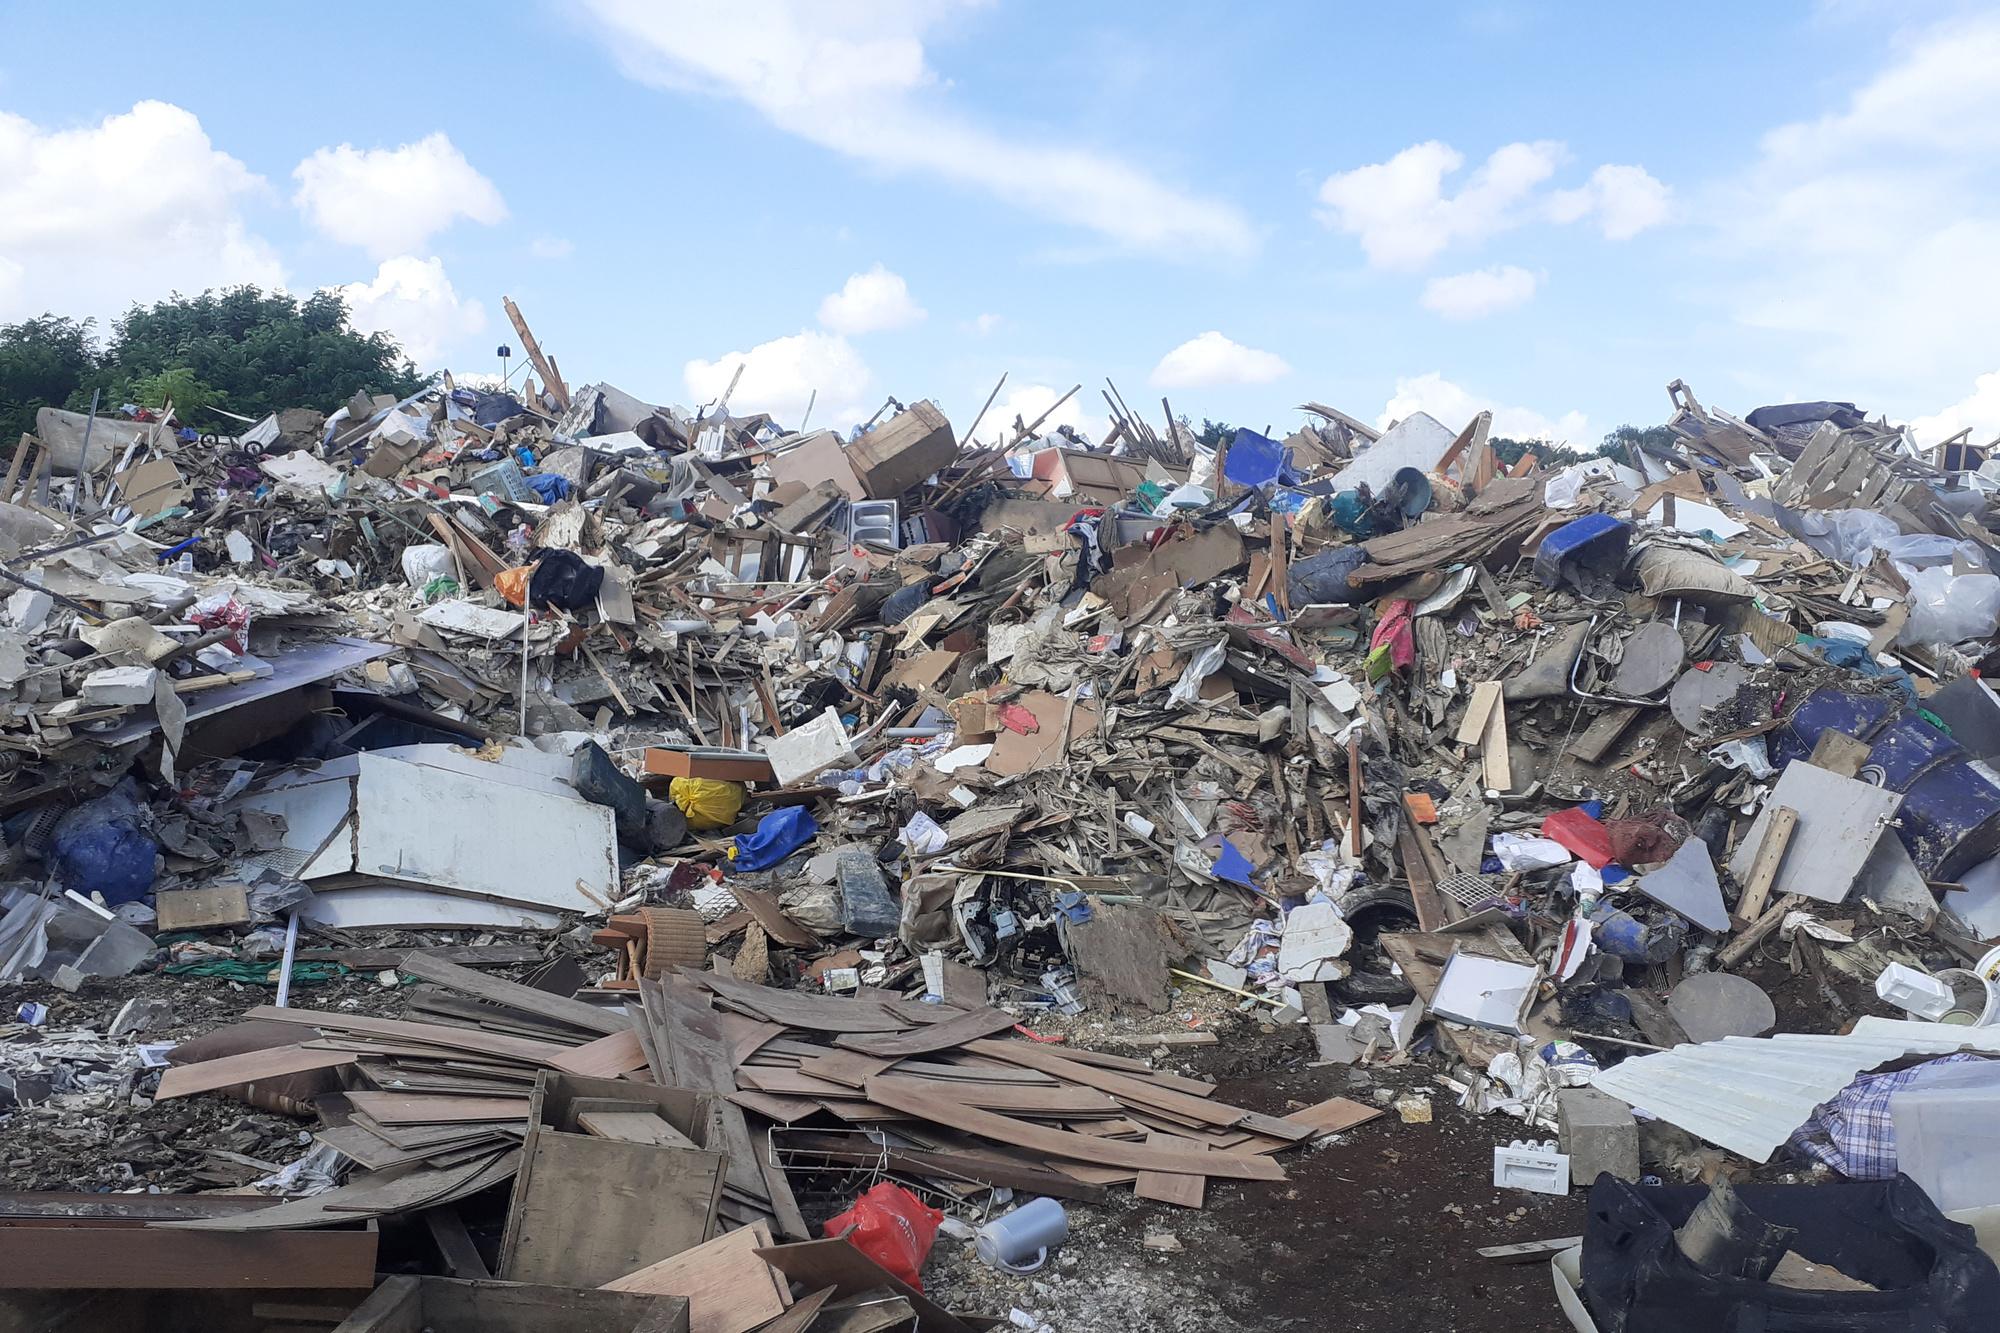 Angleur (non loin de son centre habité), le long de l'Ourthe, aux portes de Liège, à proximité de la bretelle d'autoroute vers les Ardennes : une immense décharge d'ordures, de gravats et de détritus, de poubelles et de déchets en tous genres, d'appareils électro-ménagers broyés et de meubles fracassés, où pullulent rats et charognes. C'est là l'une des pires et plus graves conséquences, avec le danger d'épidémies et de maladies, de ces terribles inondations !, DSS